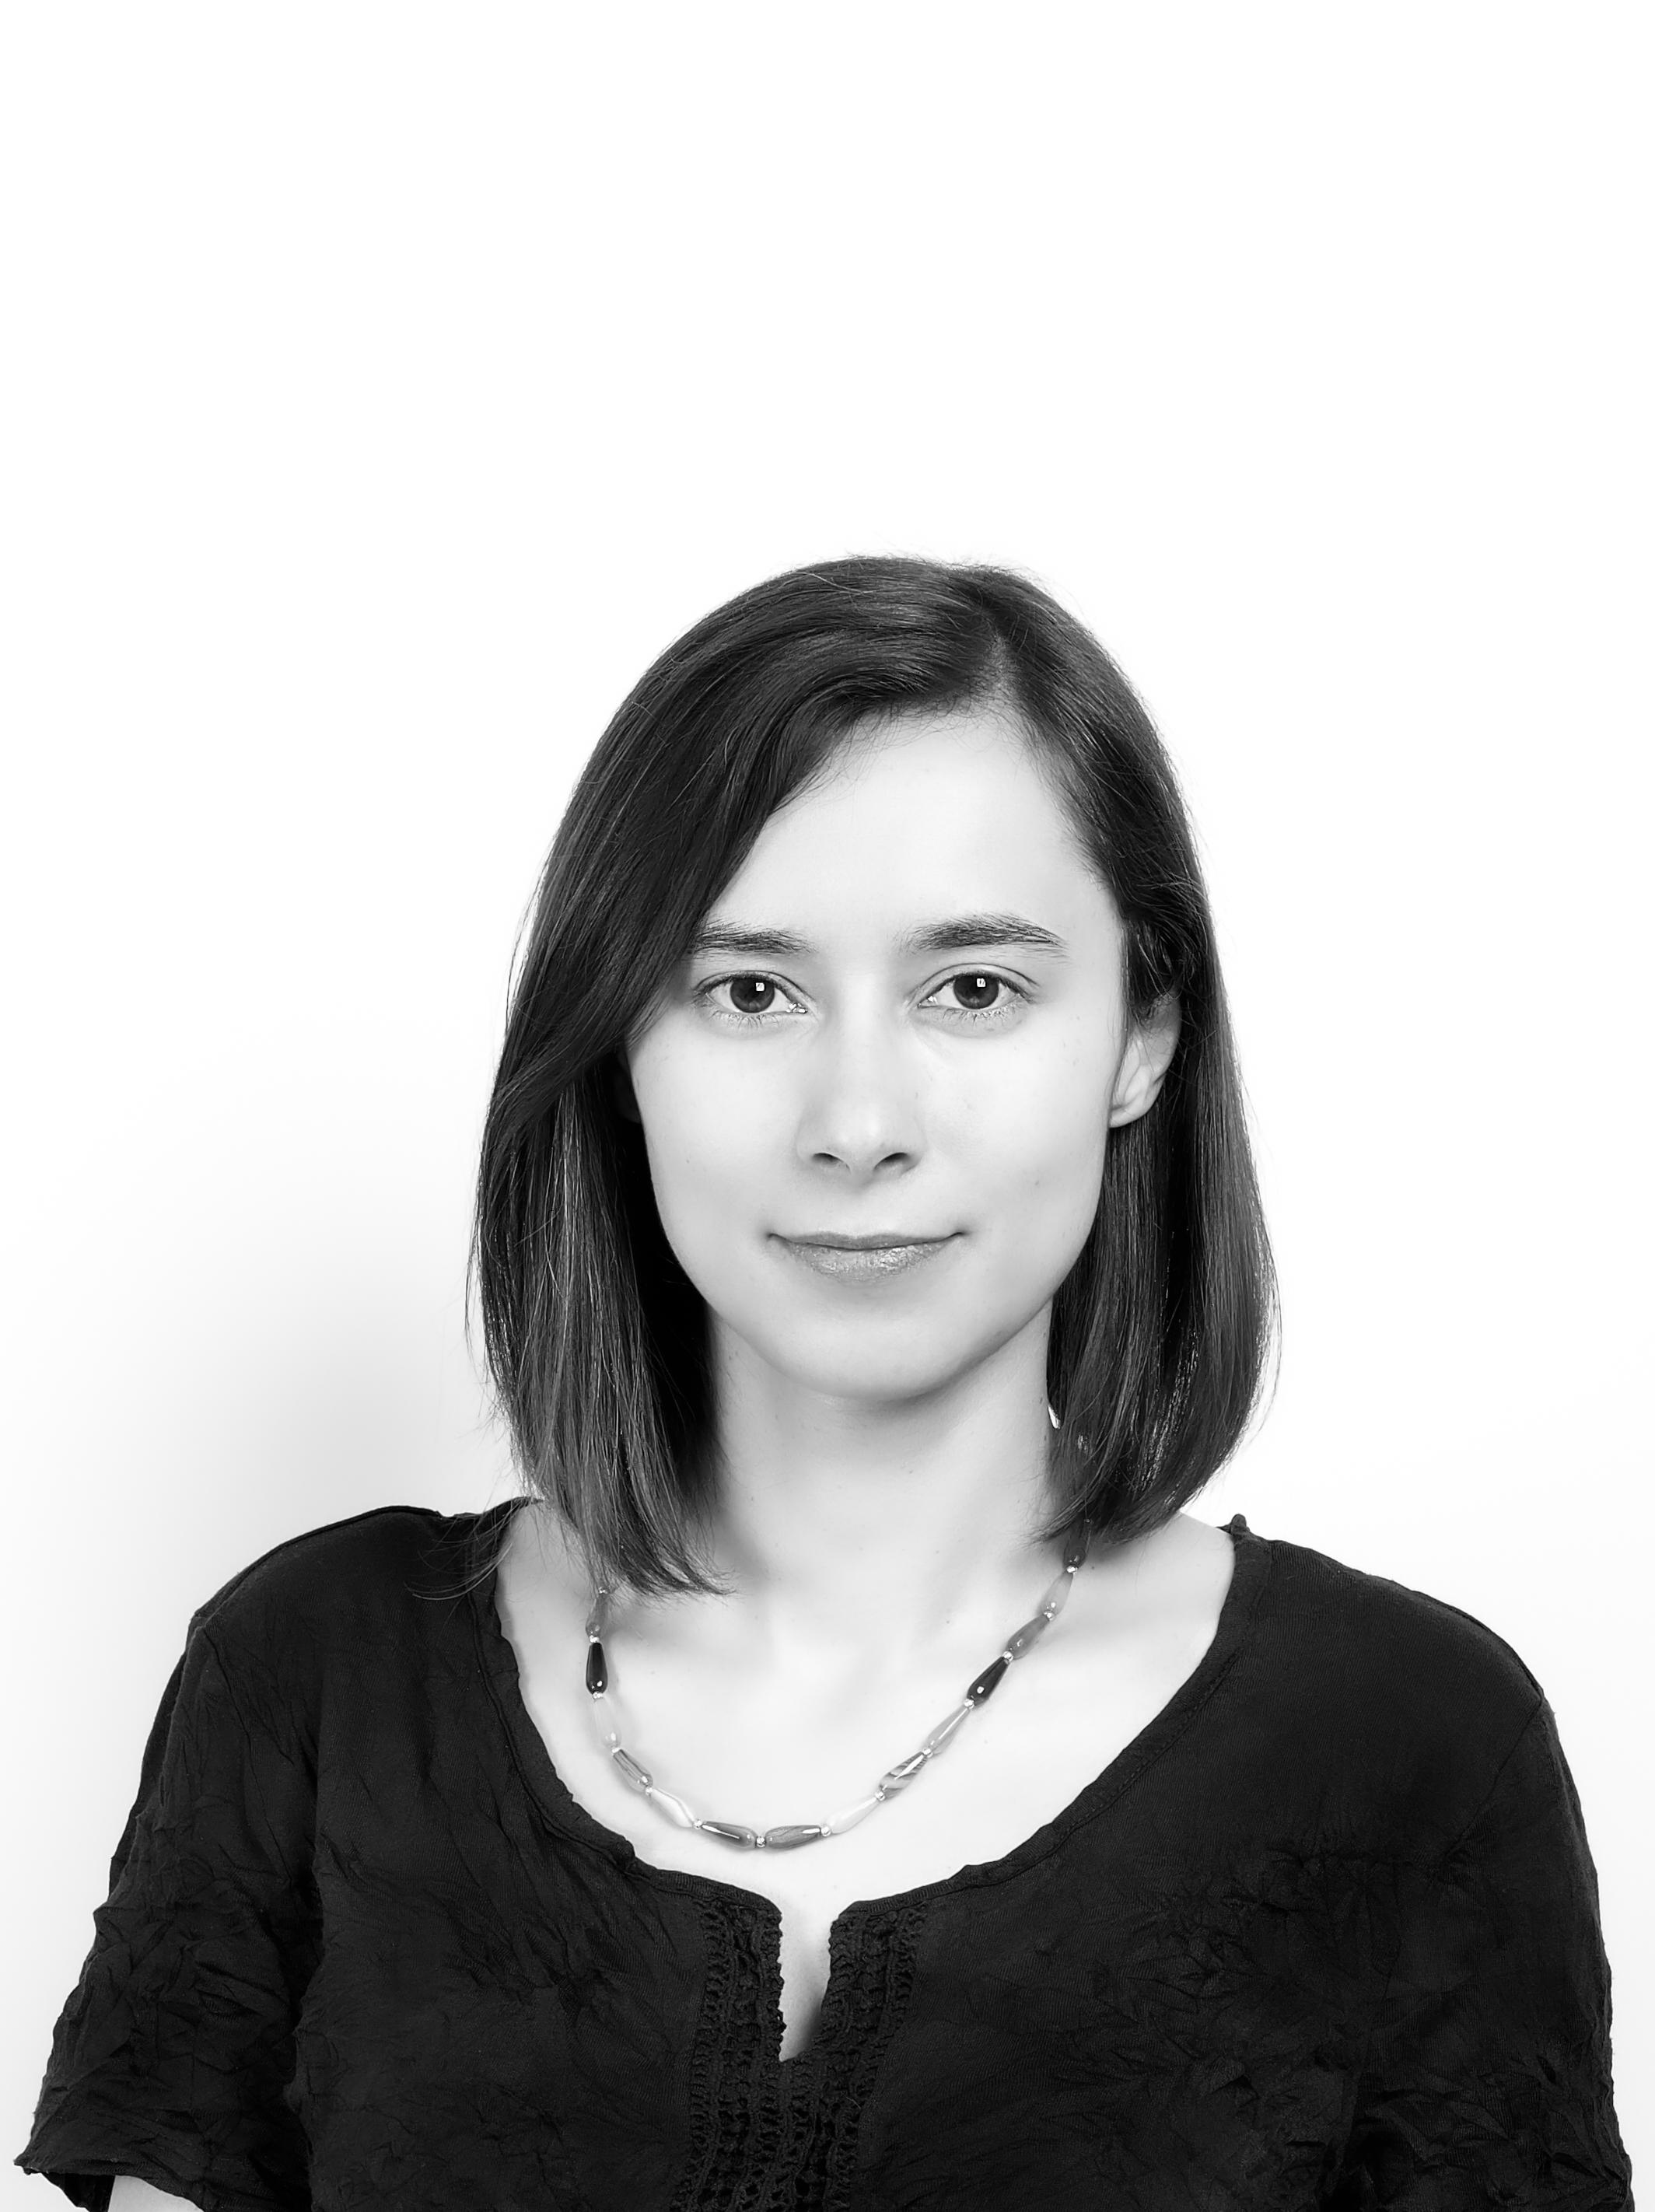 Julia Gregorowicz